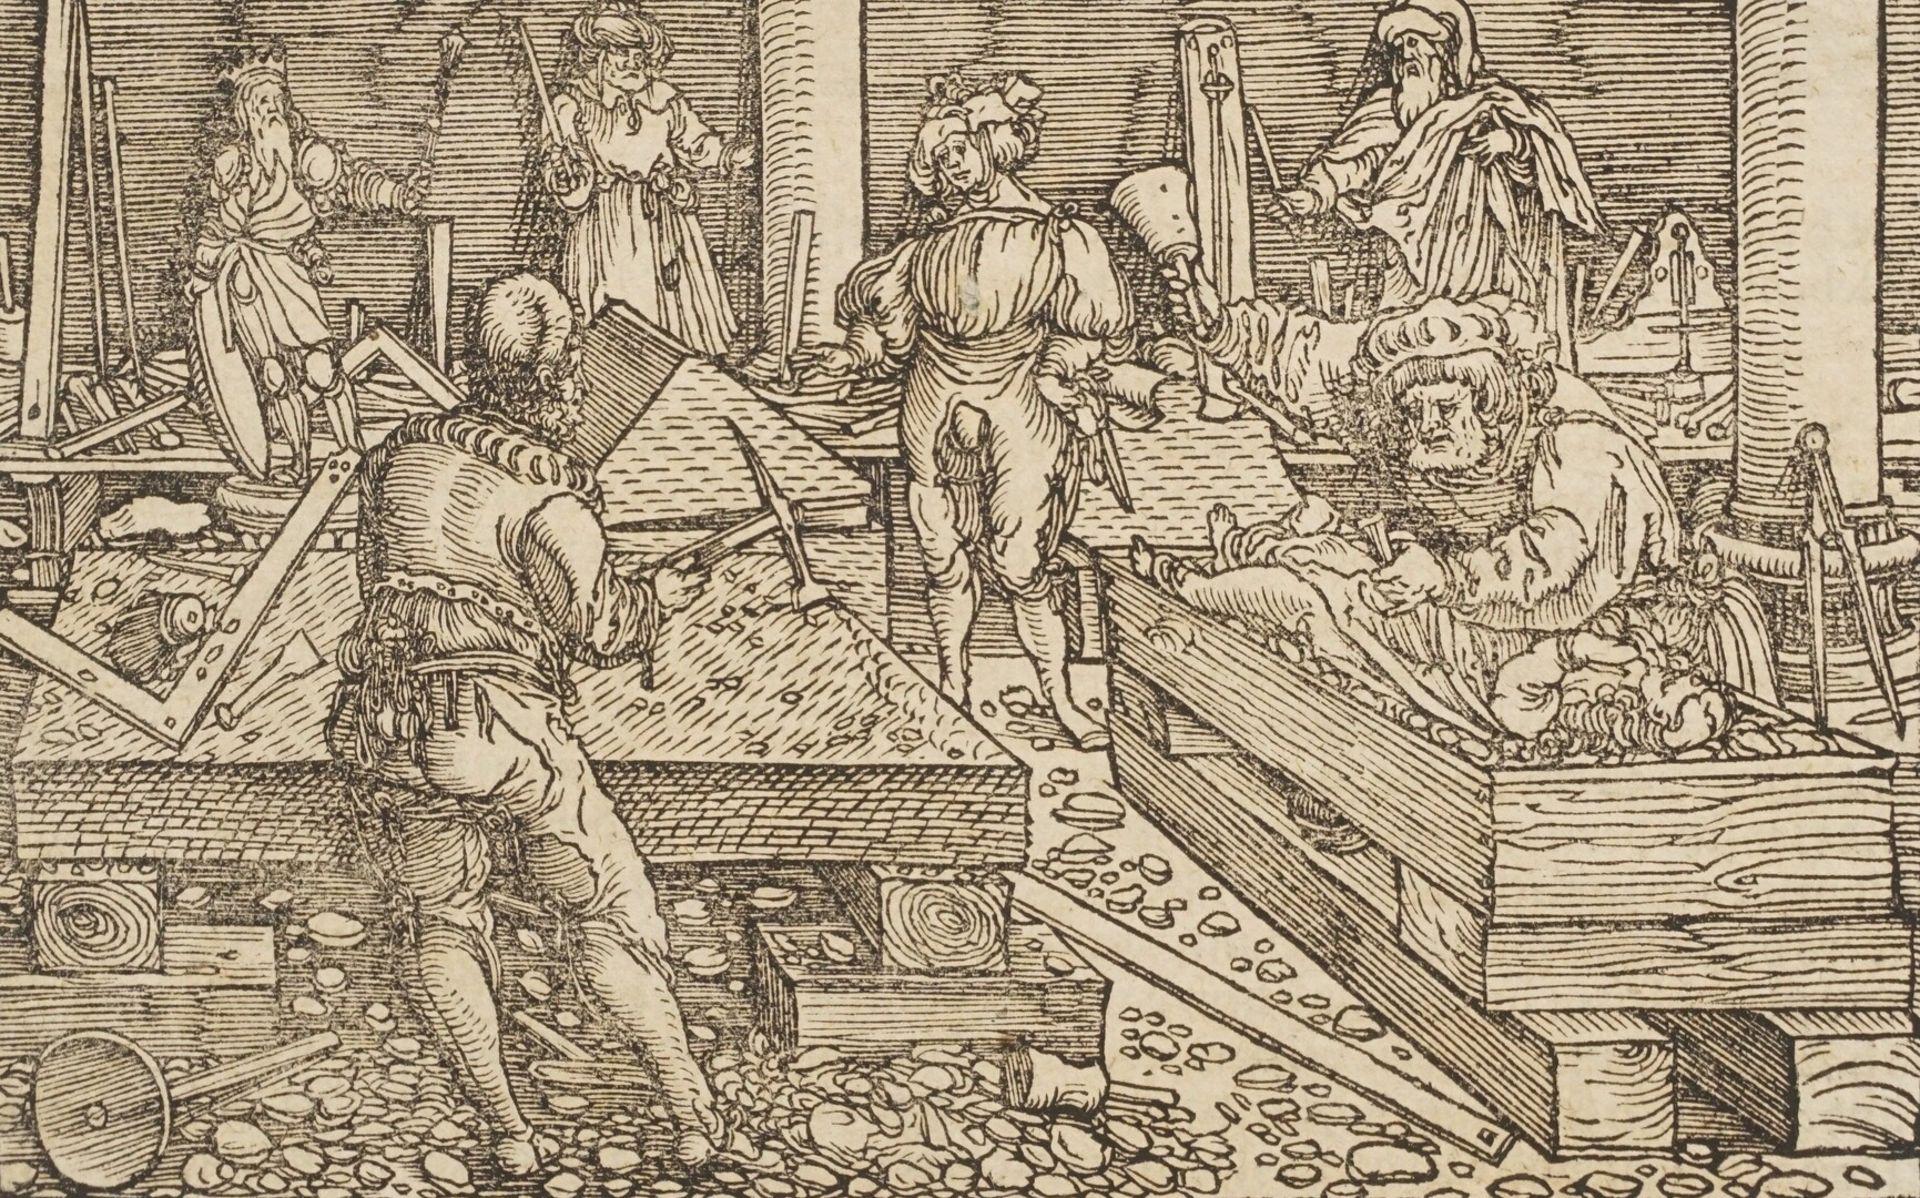 Umkreis Petrarcameister, Der Holzbildhauer